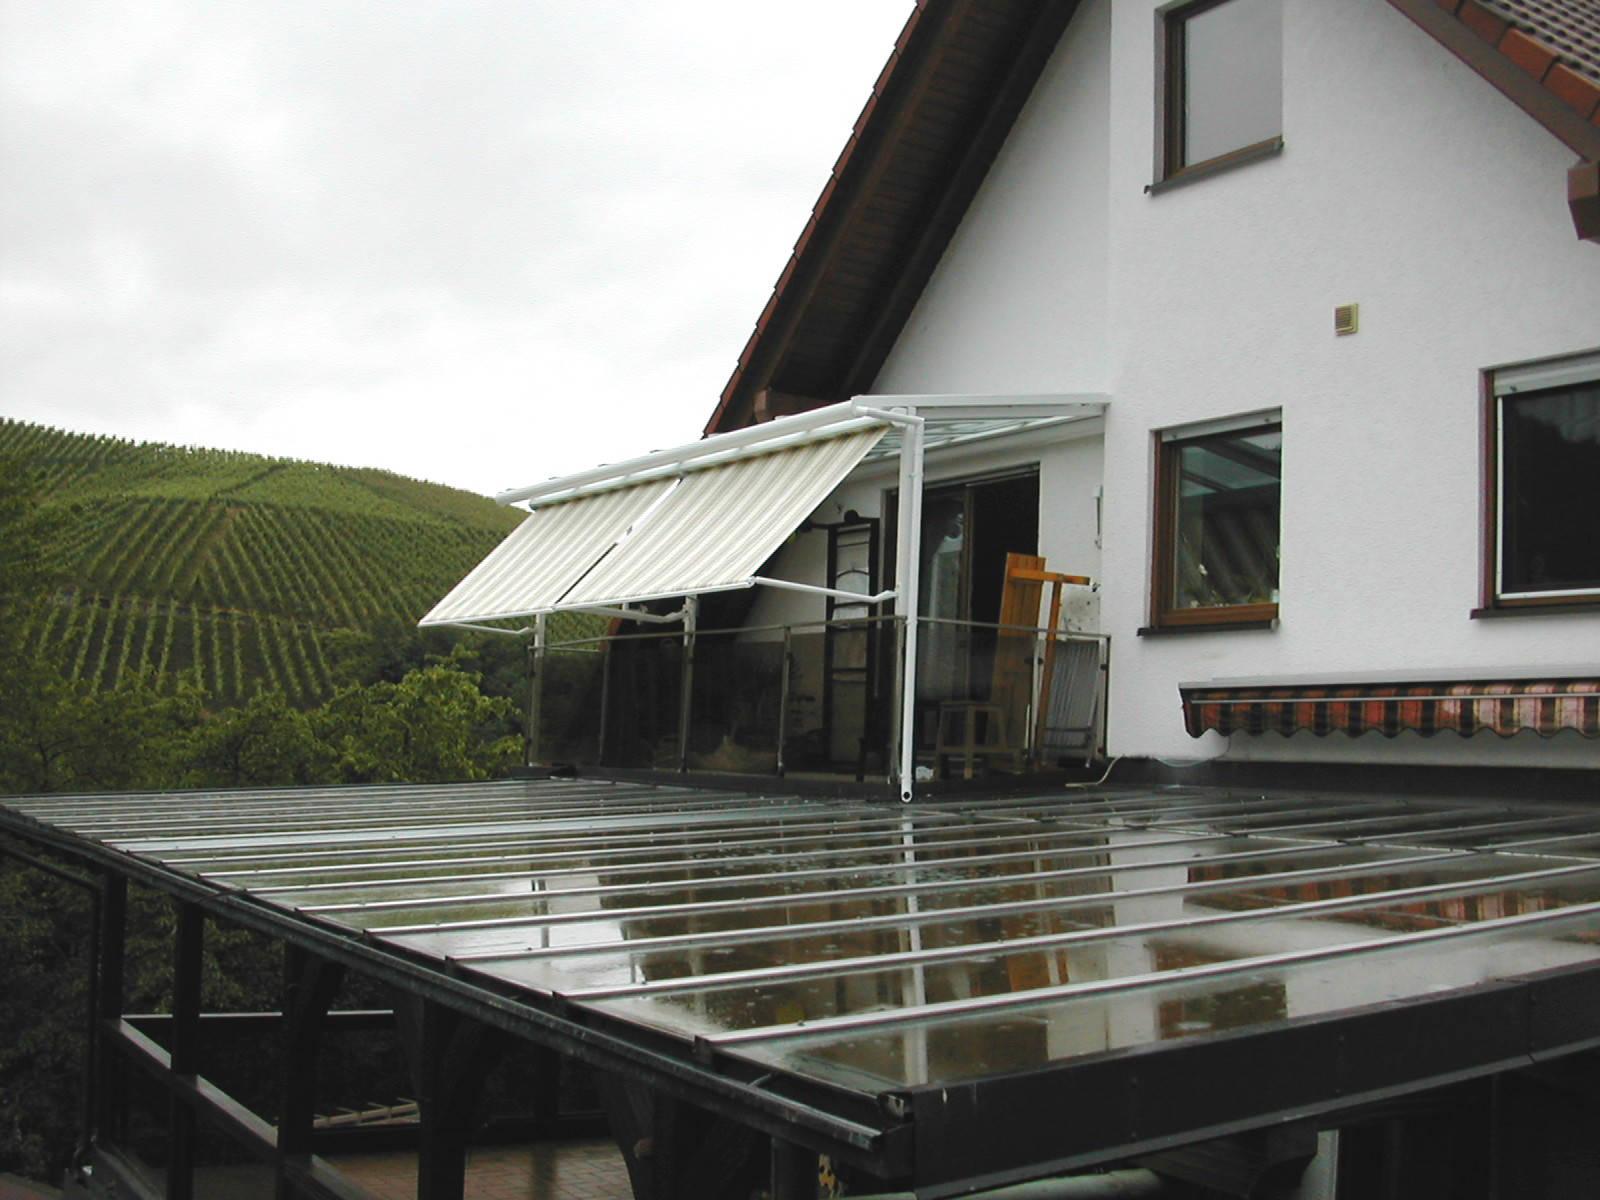 balkon sonnenschutz balkon sichtschutz vertikal balkonsichtschutz sonnenschutz sonnensegel mit. Black Bedroom Furniture Sets. Home Design Ideas